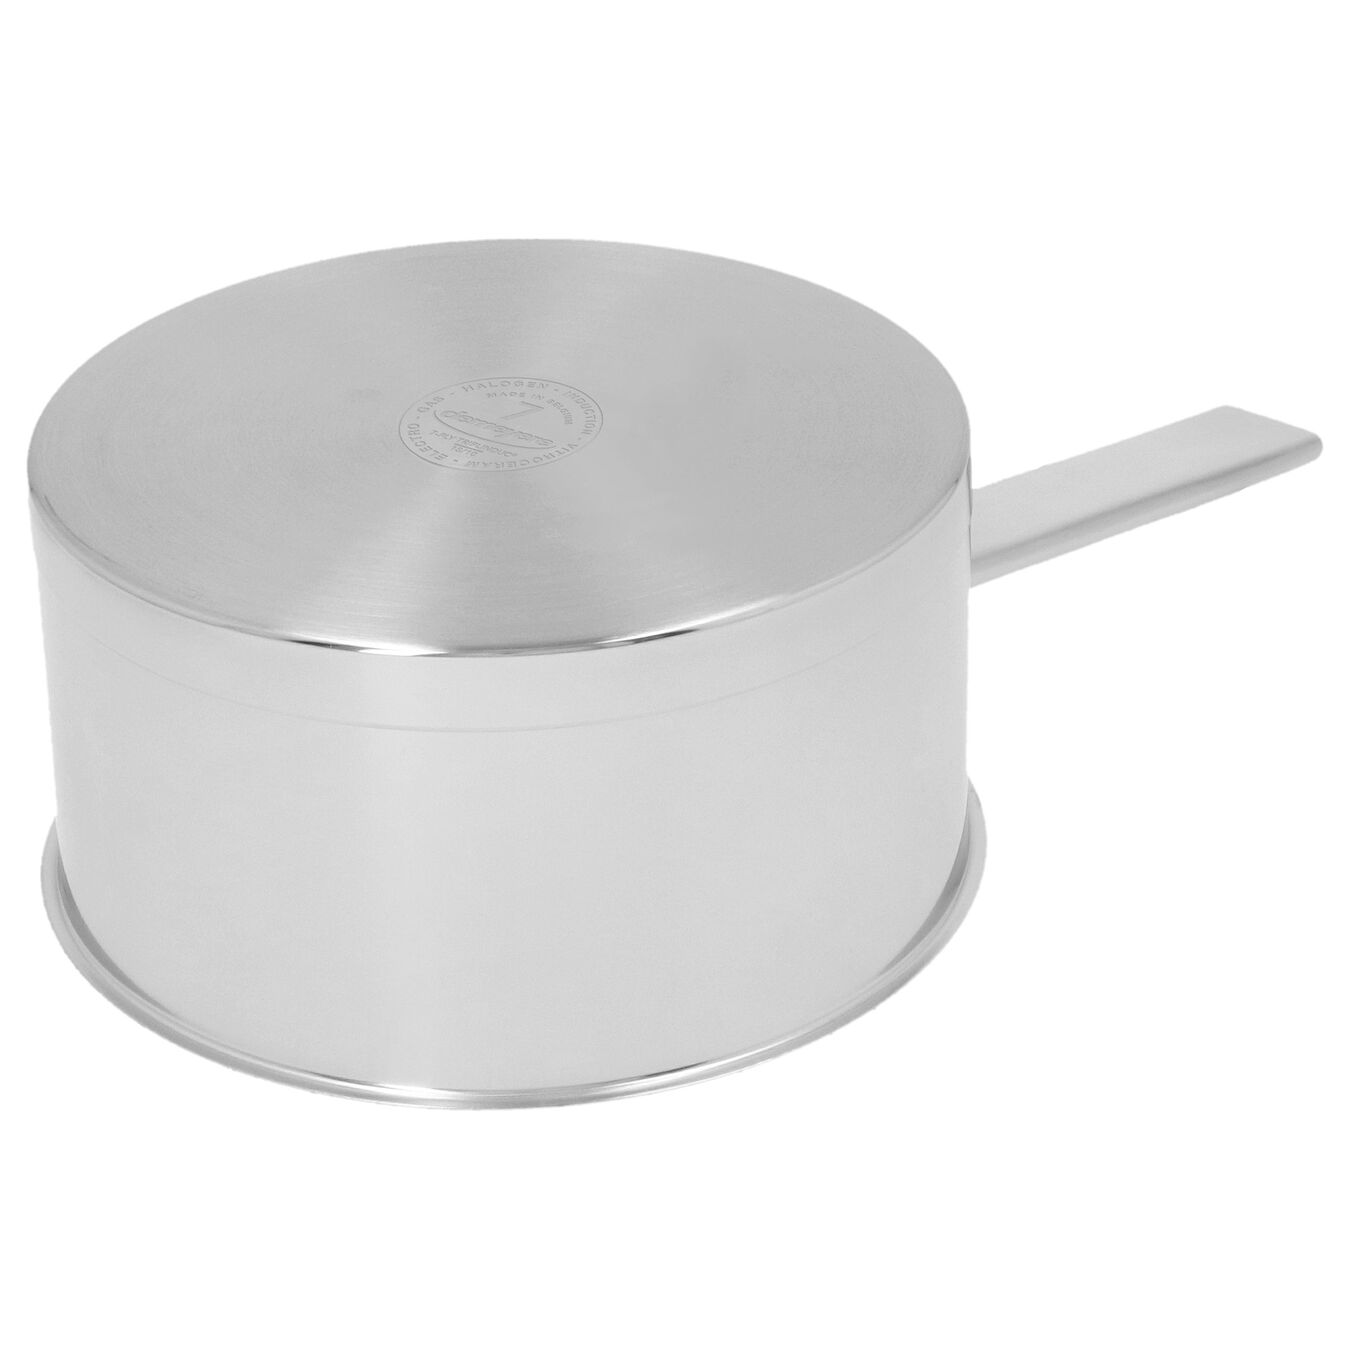 Sos Tenceresi Kapaklı | 18/10 Paslanmaz Çelik | 20 cm | Metalik Gri,,large 2